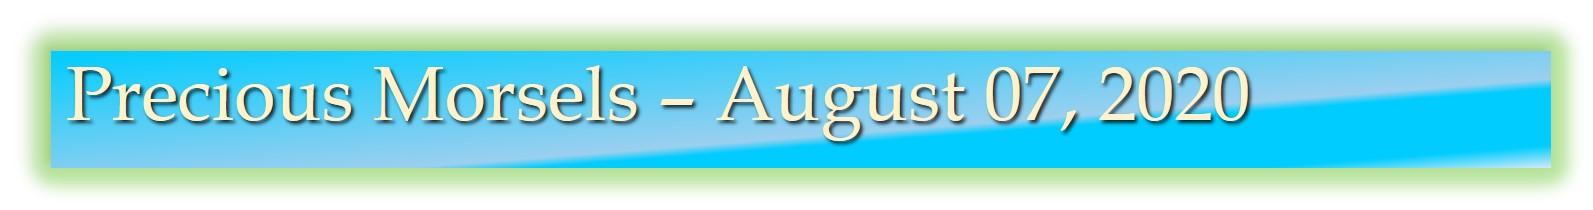 Precious Morsels August 07, 2020